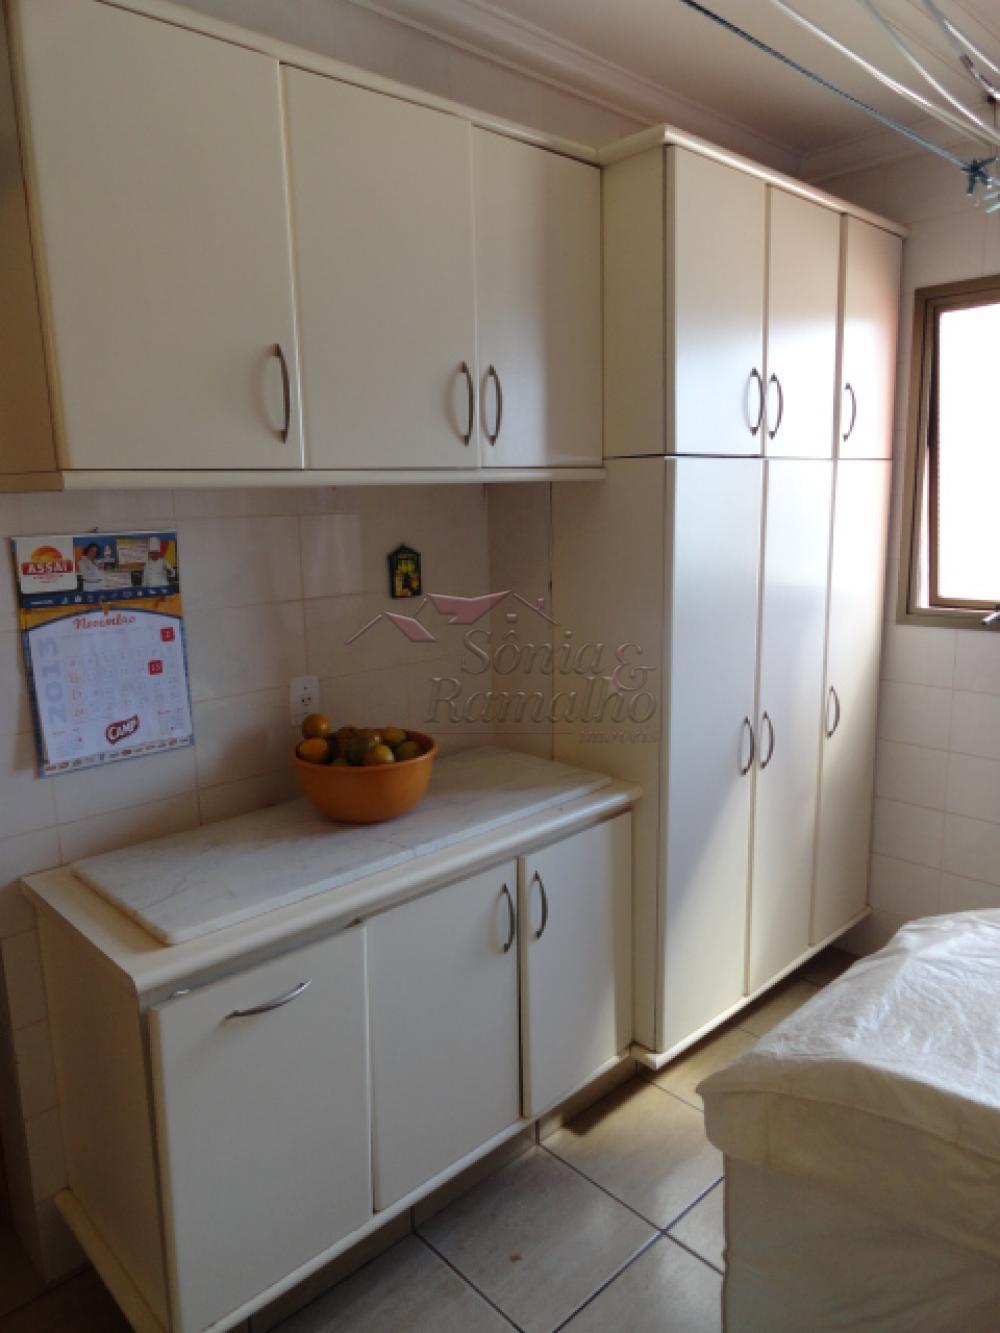 Alugar Apartamentos / Padrão em Ribeirão Preto apenas R$ 2.100,00 - Foto 10